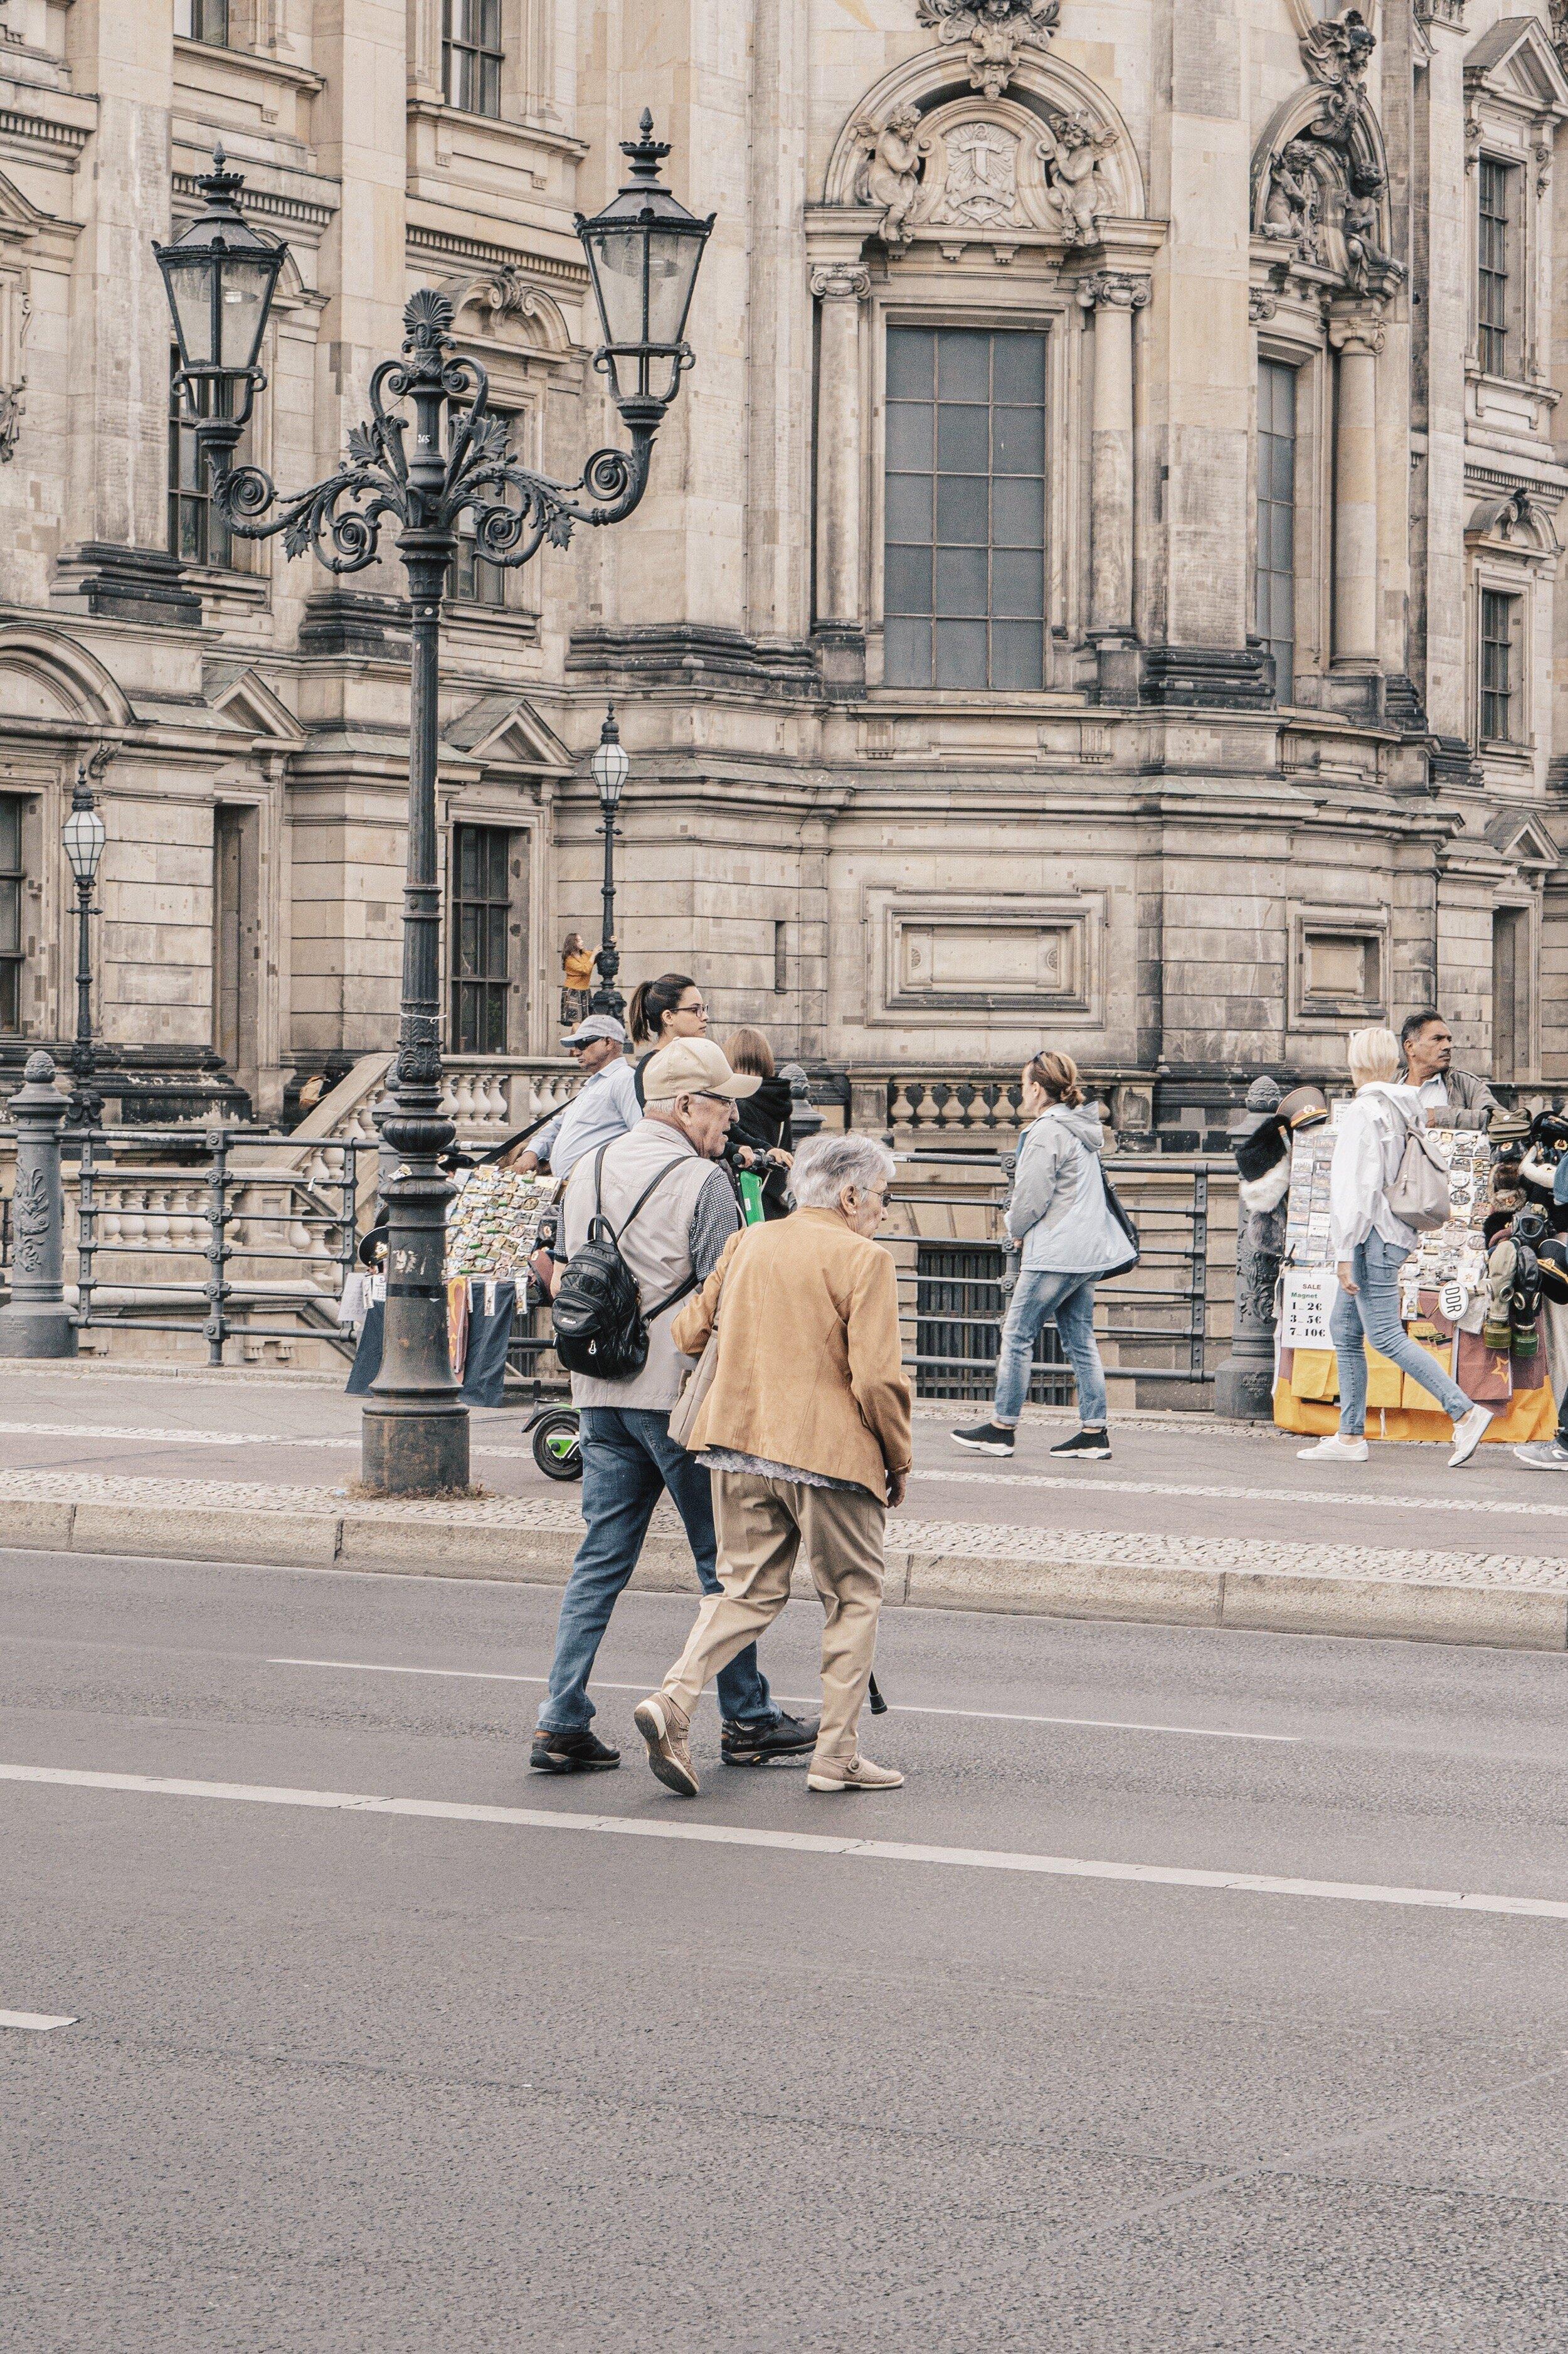 Berlin Crossing the streets.JPG